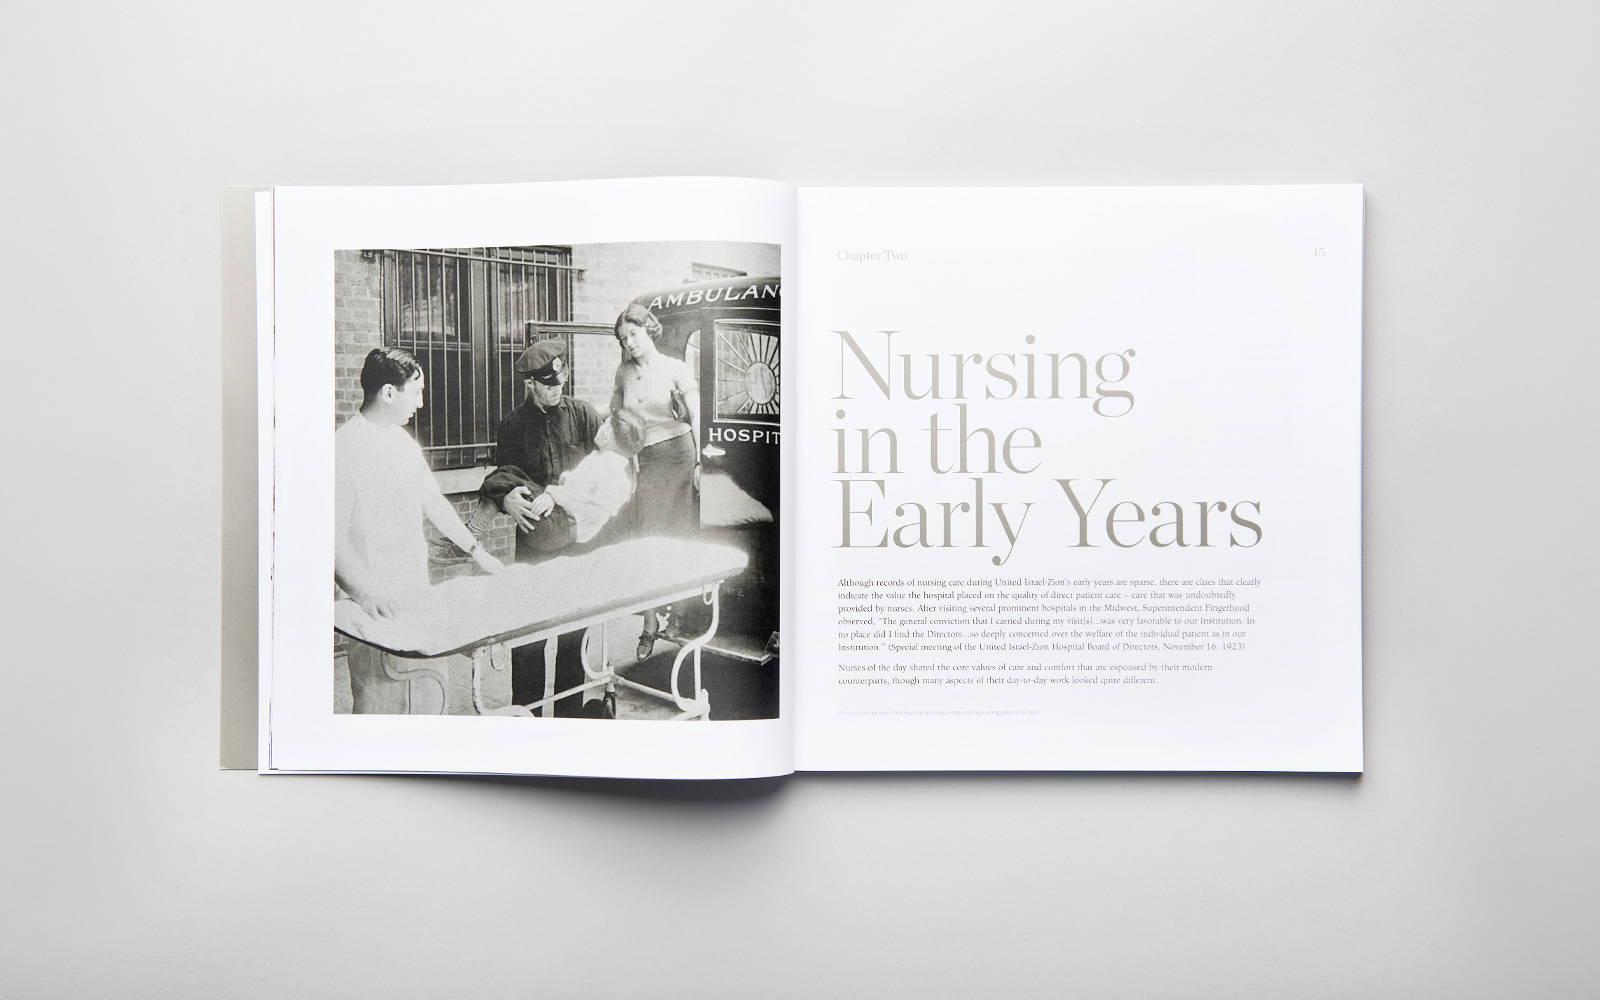 Nursing Centennial Book - Chapter 2 Introduction